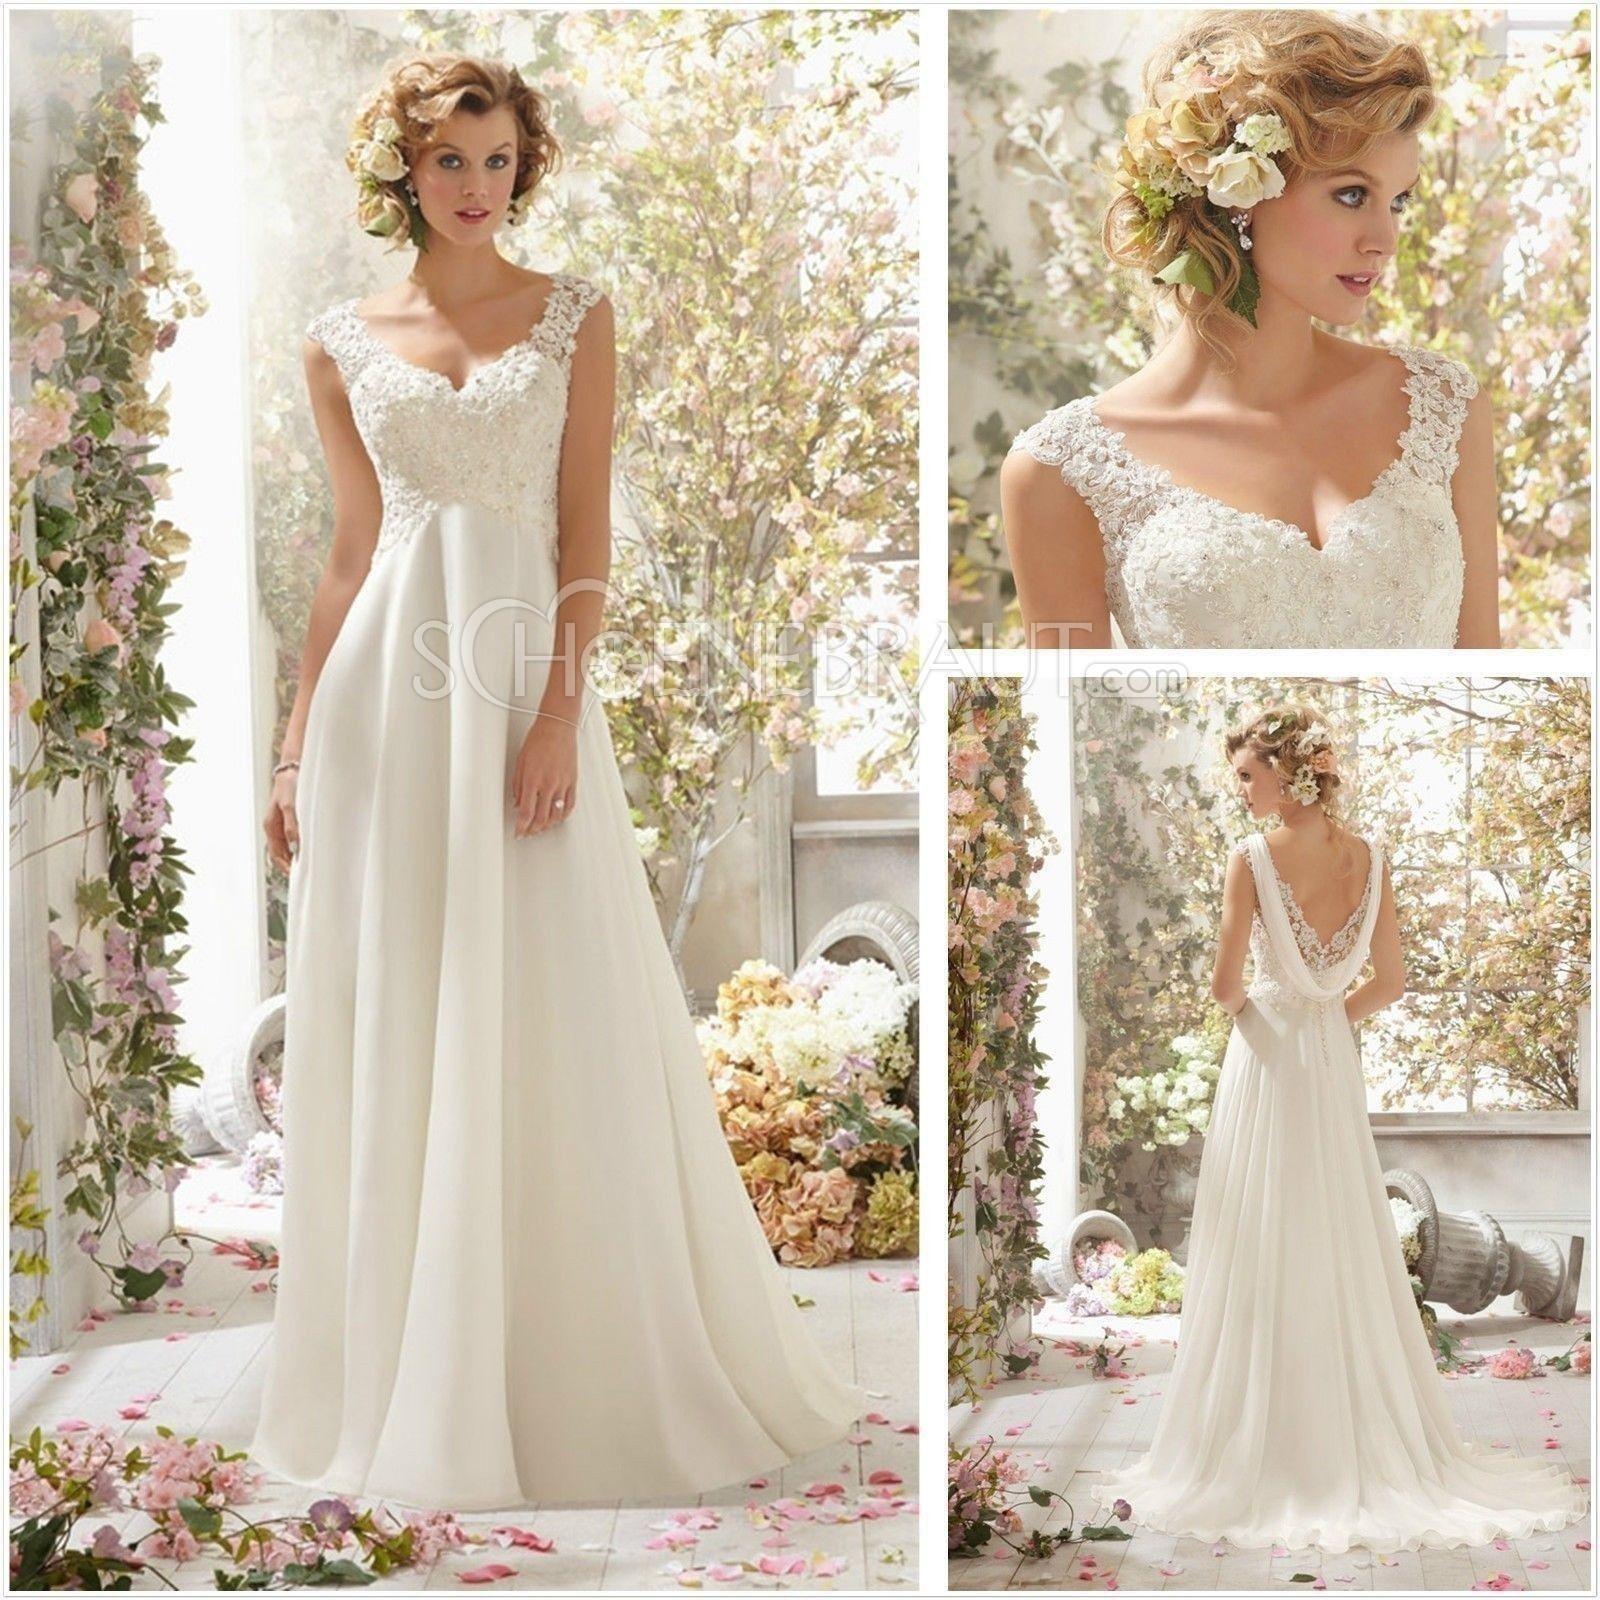 Abend Kreativ Kleid Standesamt VertriebAbend Perfekt Kleid Standesamt Design